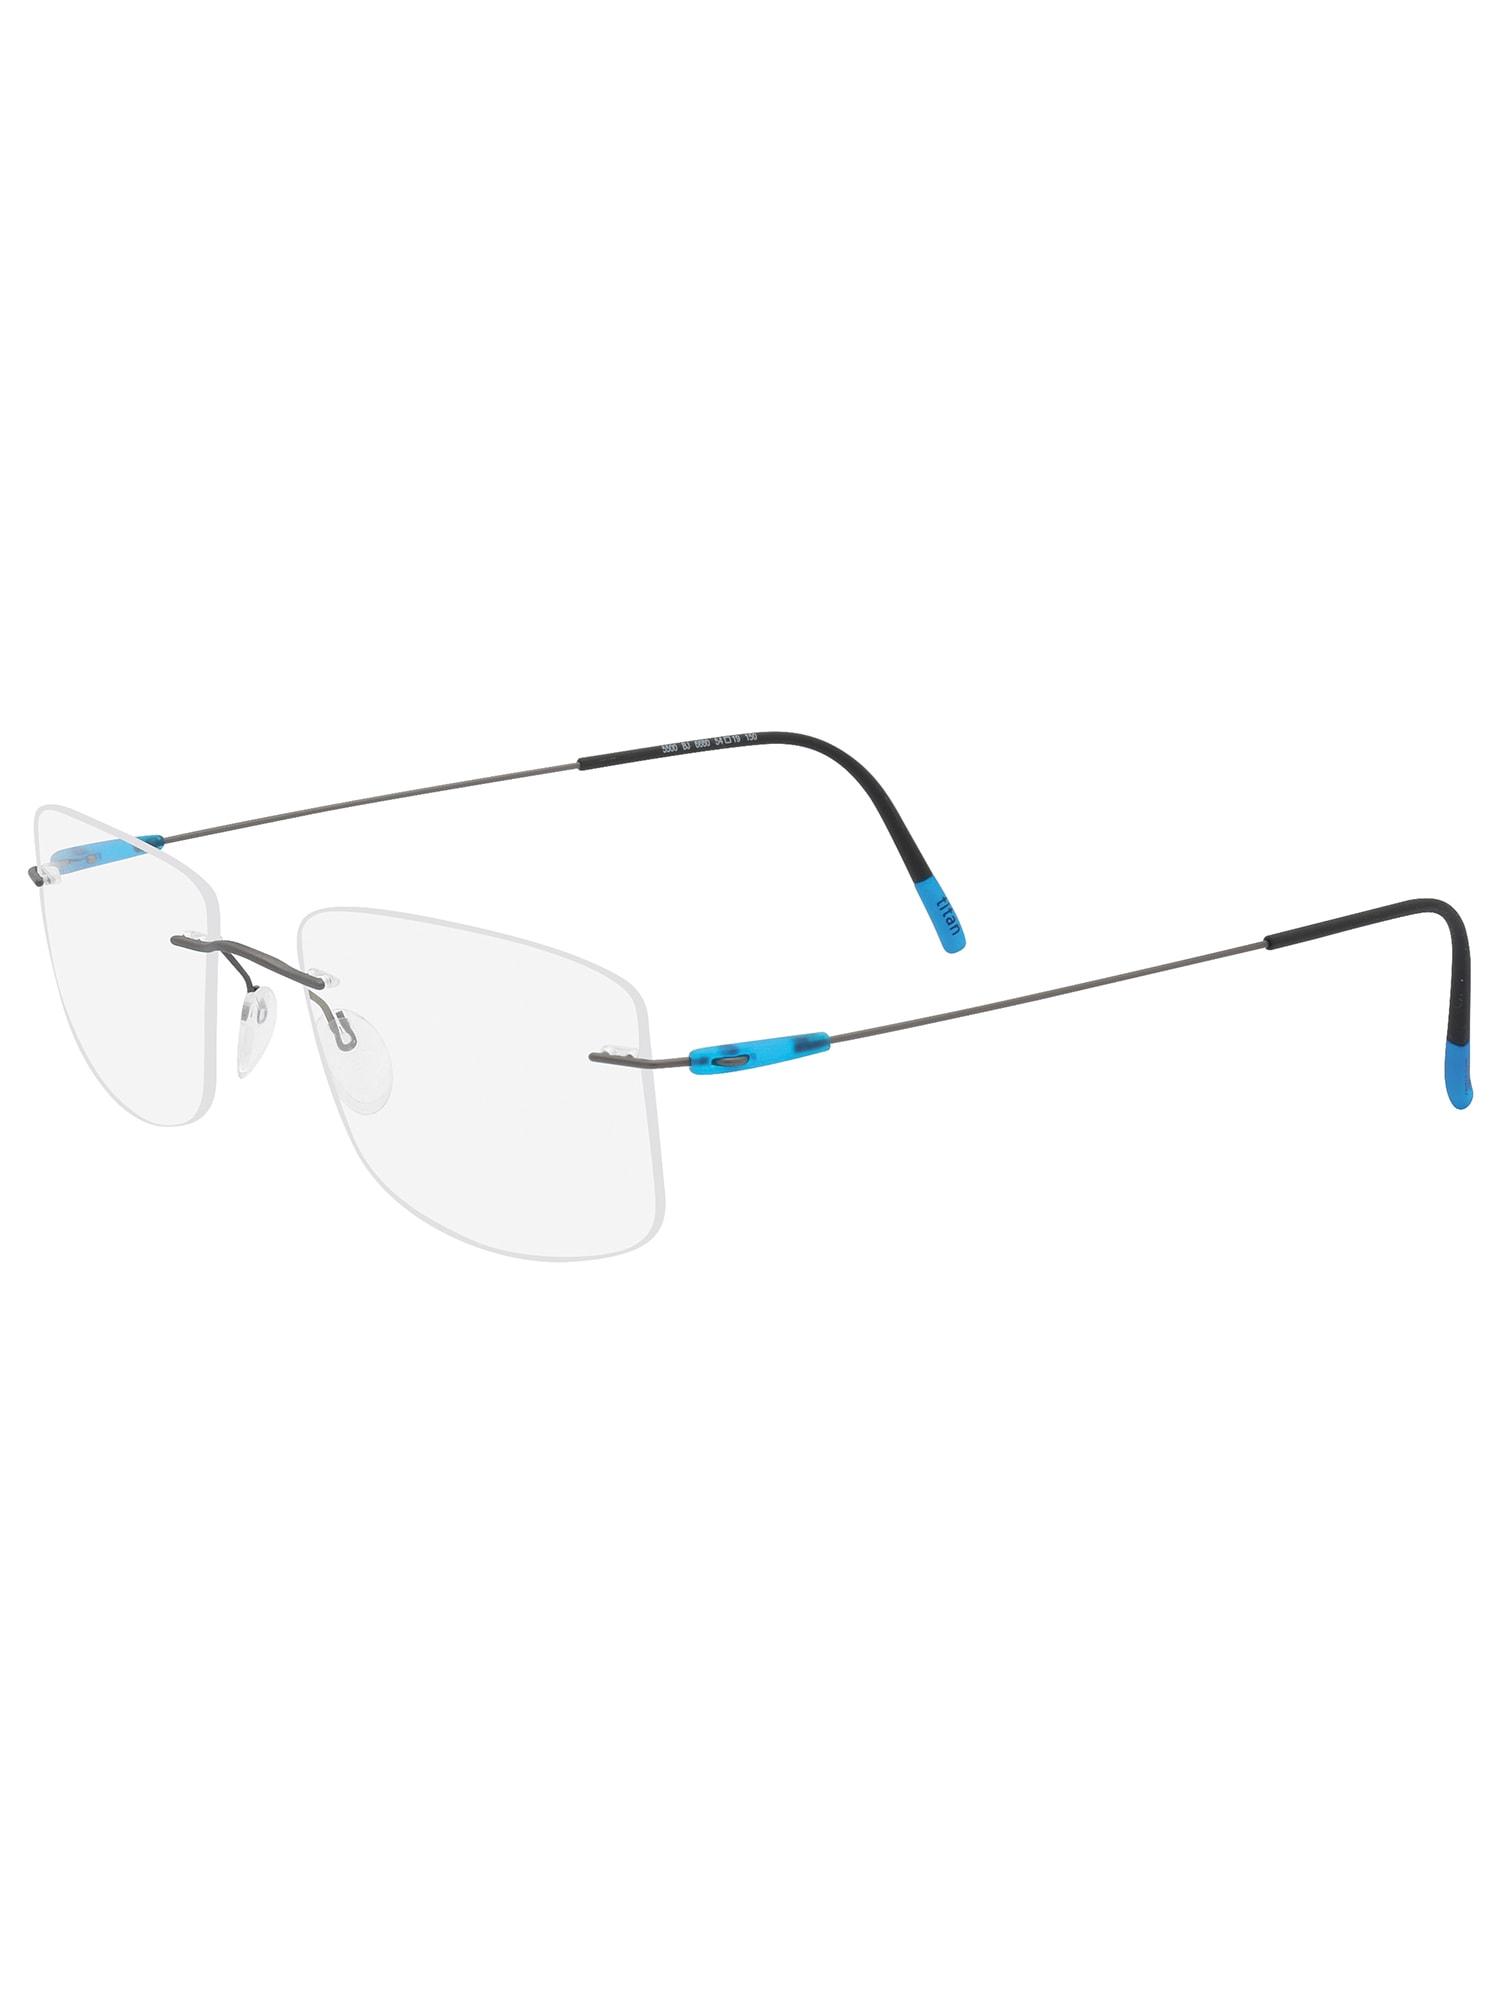 Silhouette 5500/BJ Eyewear